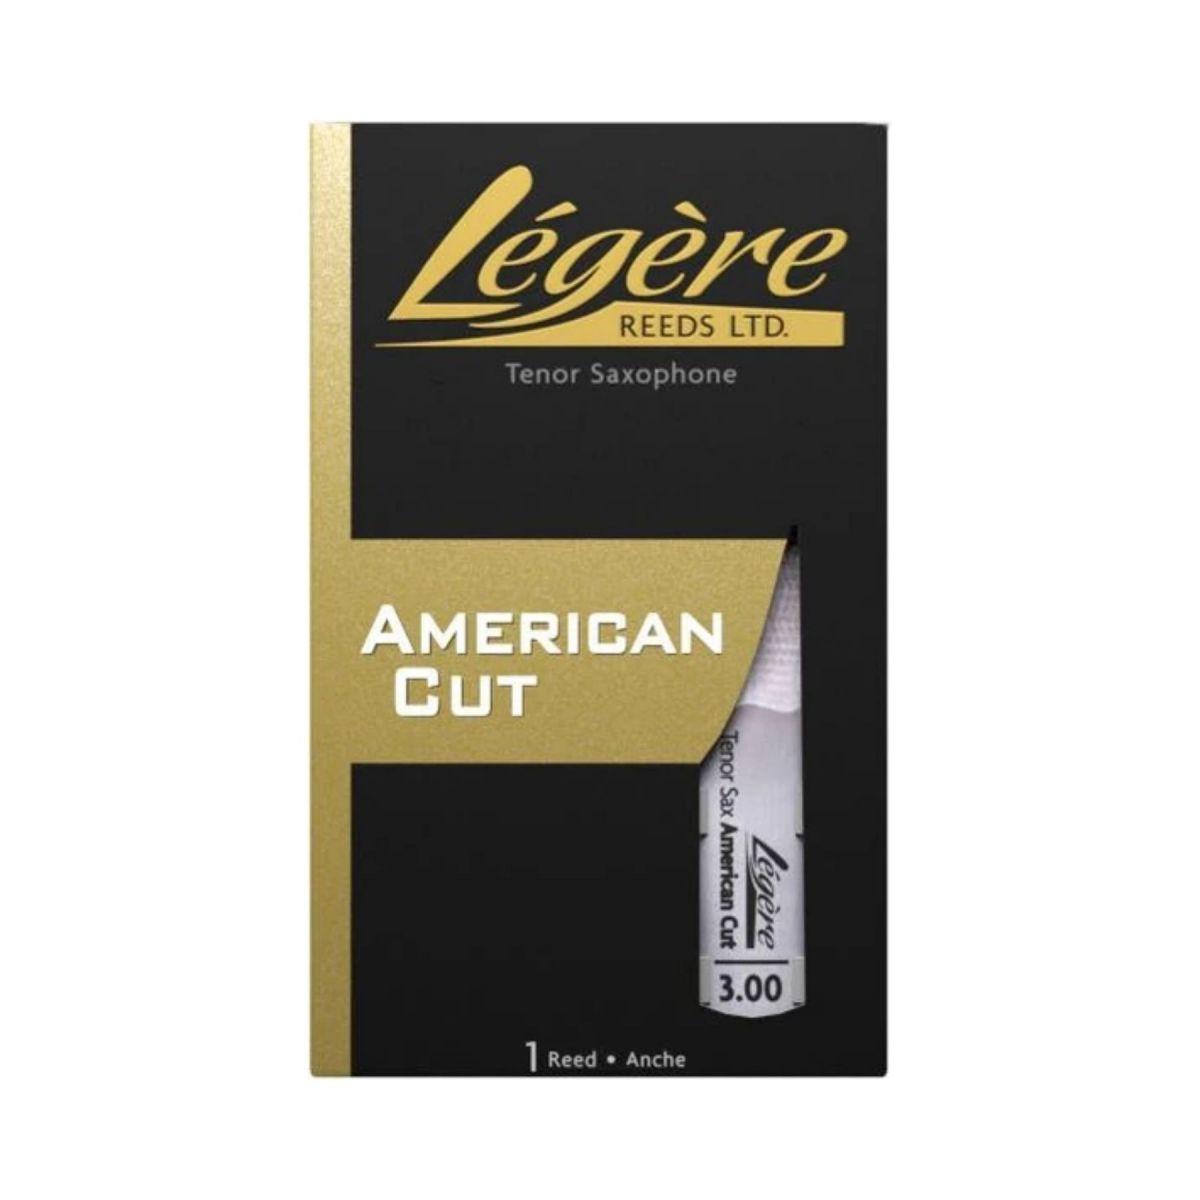 Ancia Sax Tenore Legere American Cut n.3,00 singola